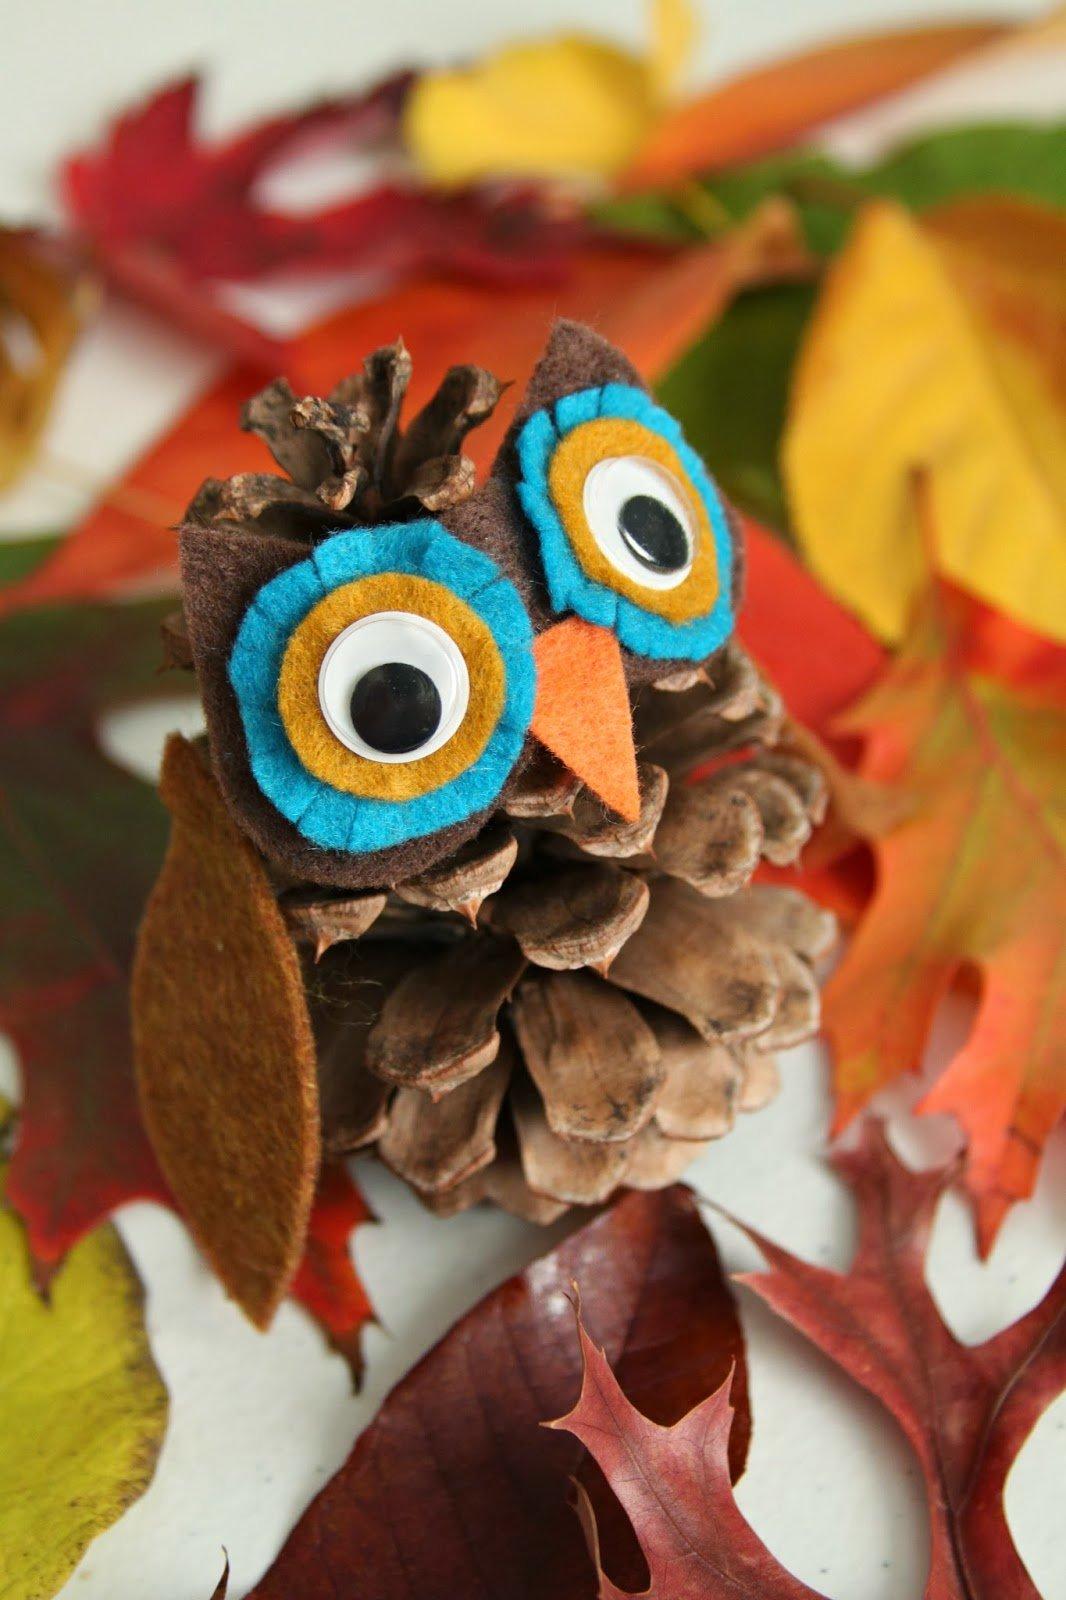 bonitas ideas DIY para pequeños y adultos, pasos para hacer un pequeño buho decorado con fieltro